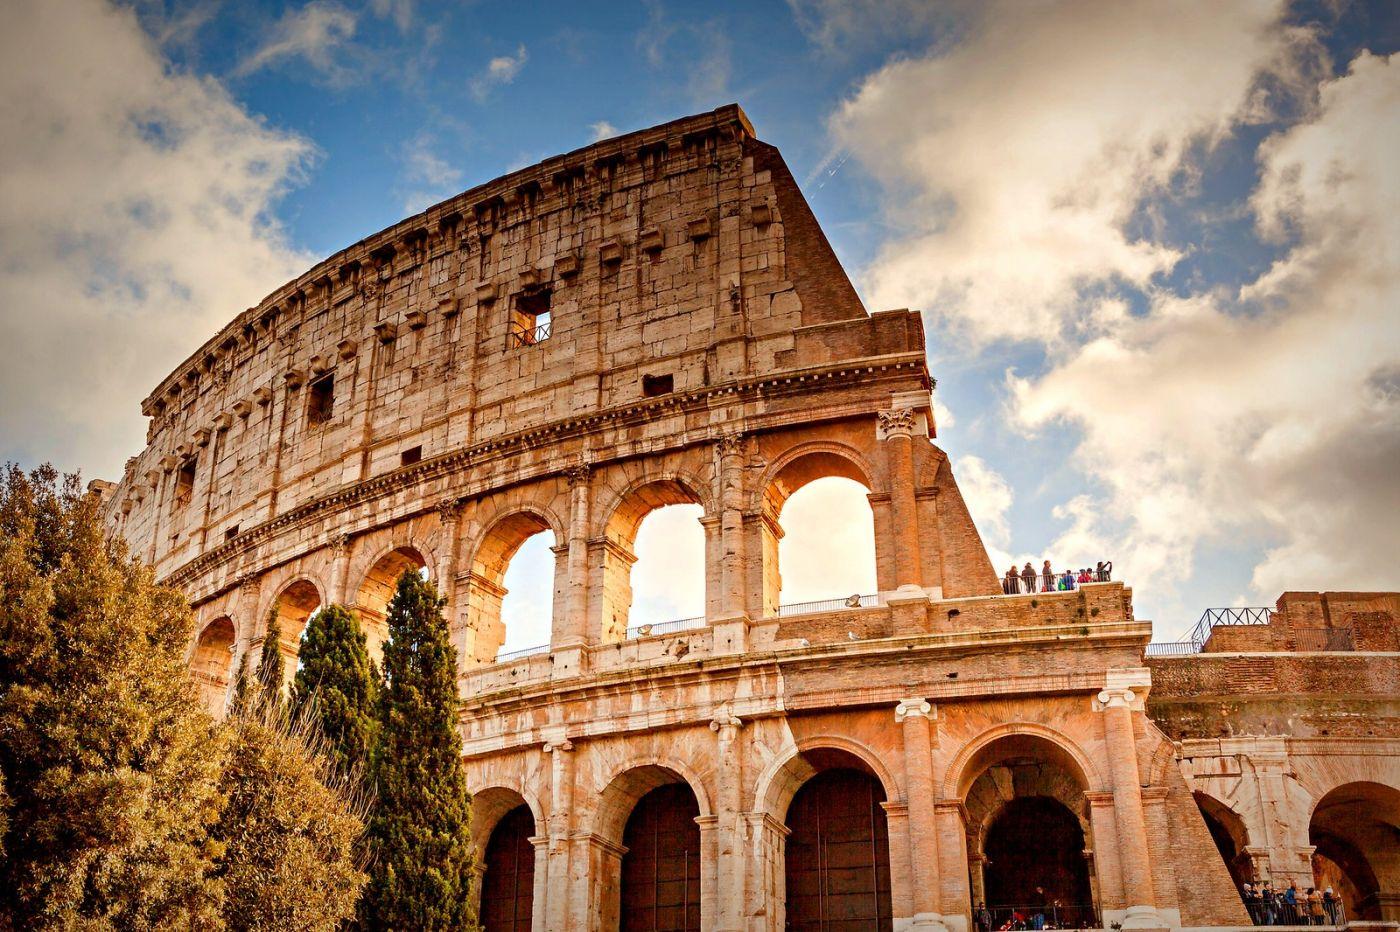 罗马斗兽场(Colosseum), 两千年的宏大建筑古迹_图1-1